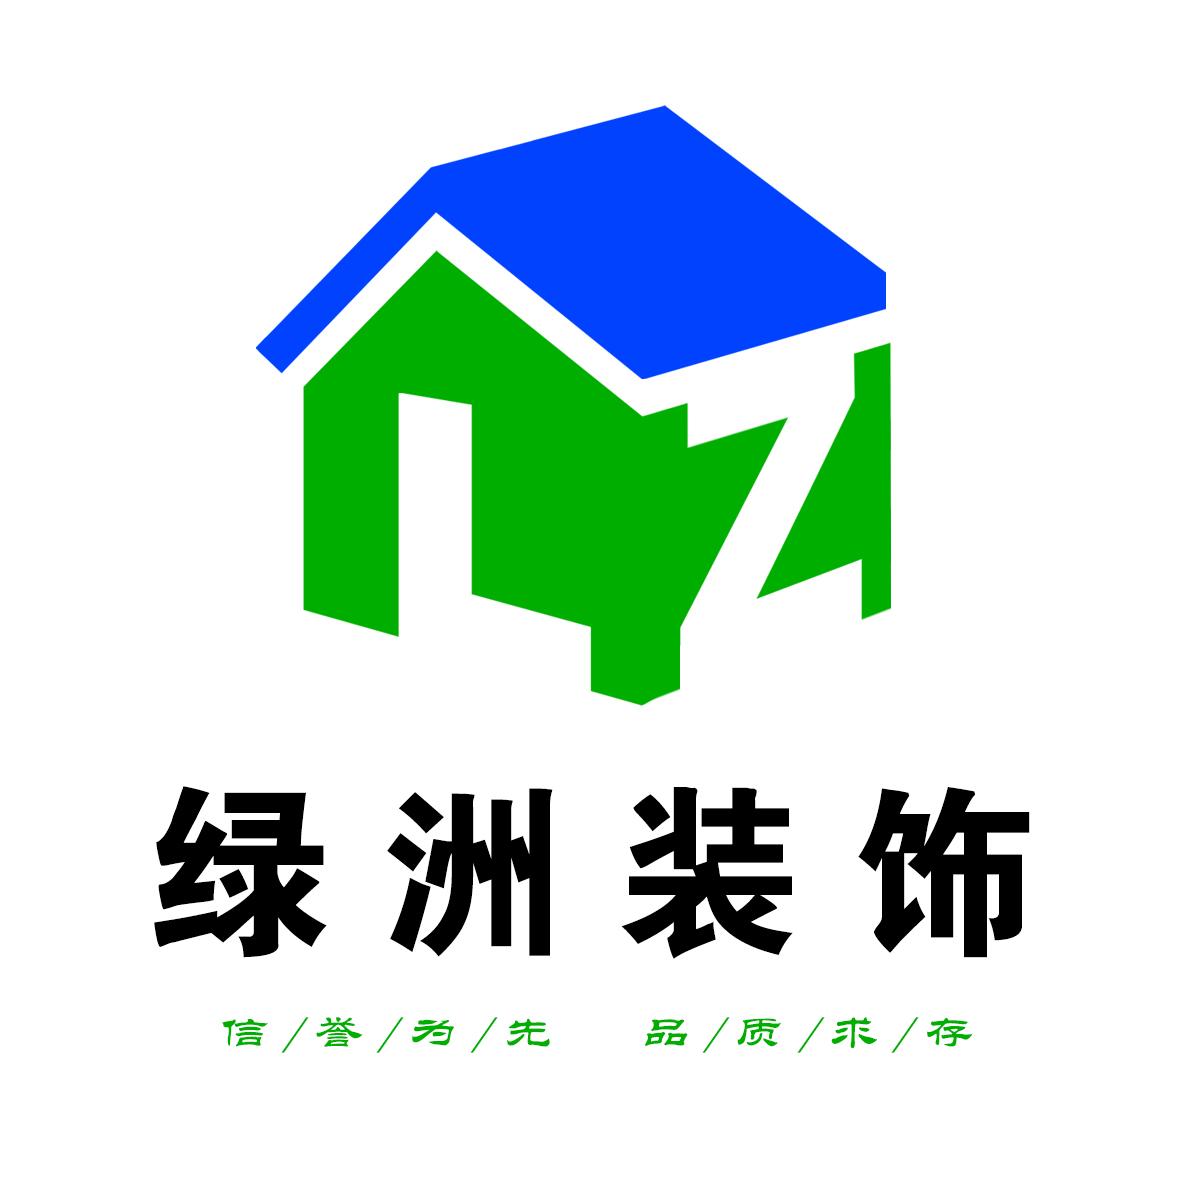 扬州绿洲装饰工程有限公司 - 扬州装修公司